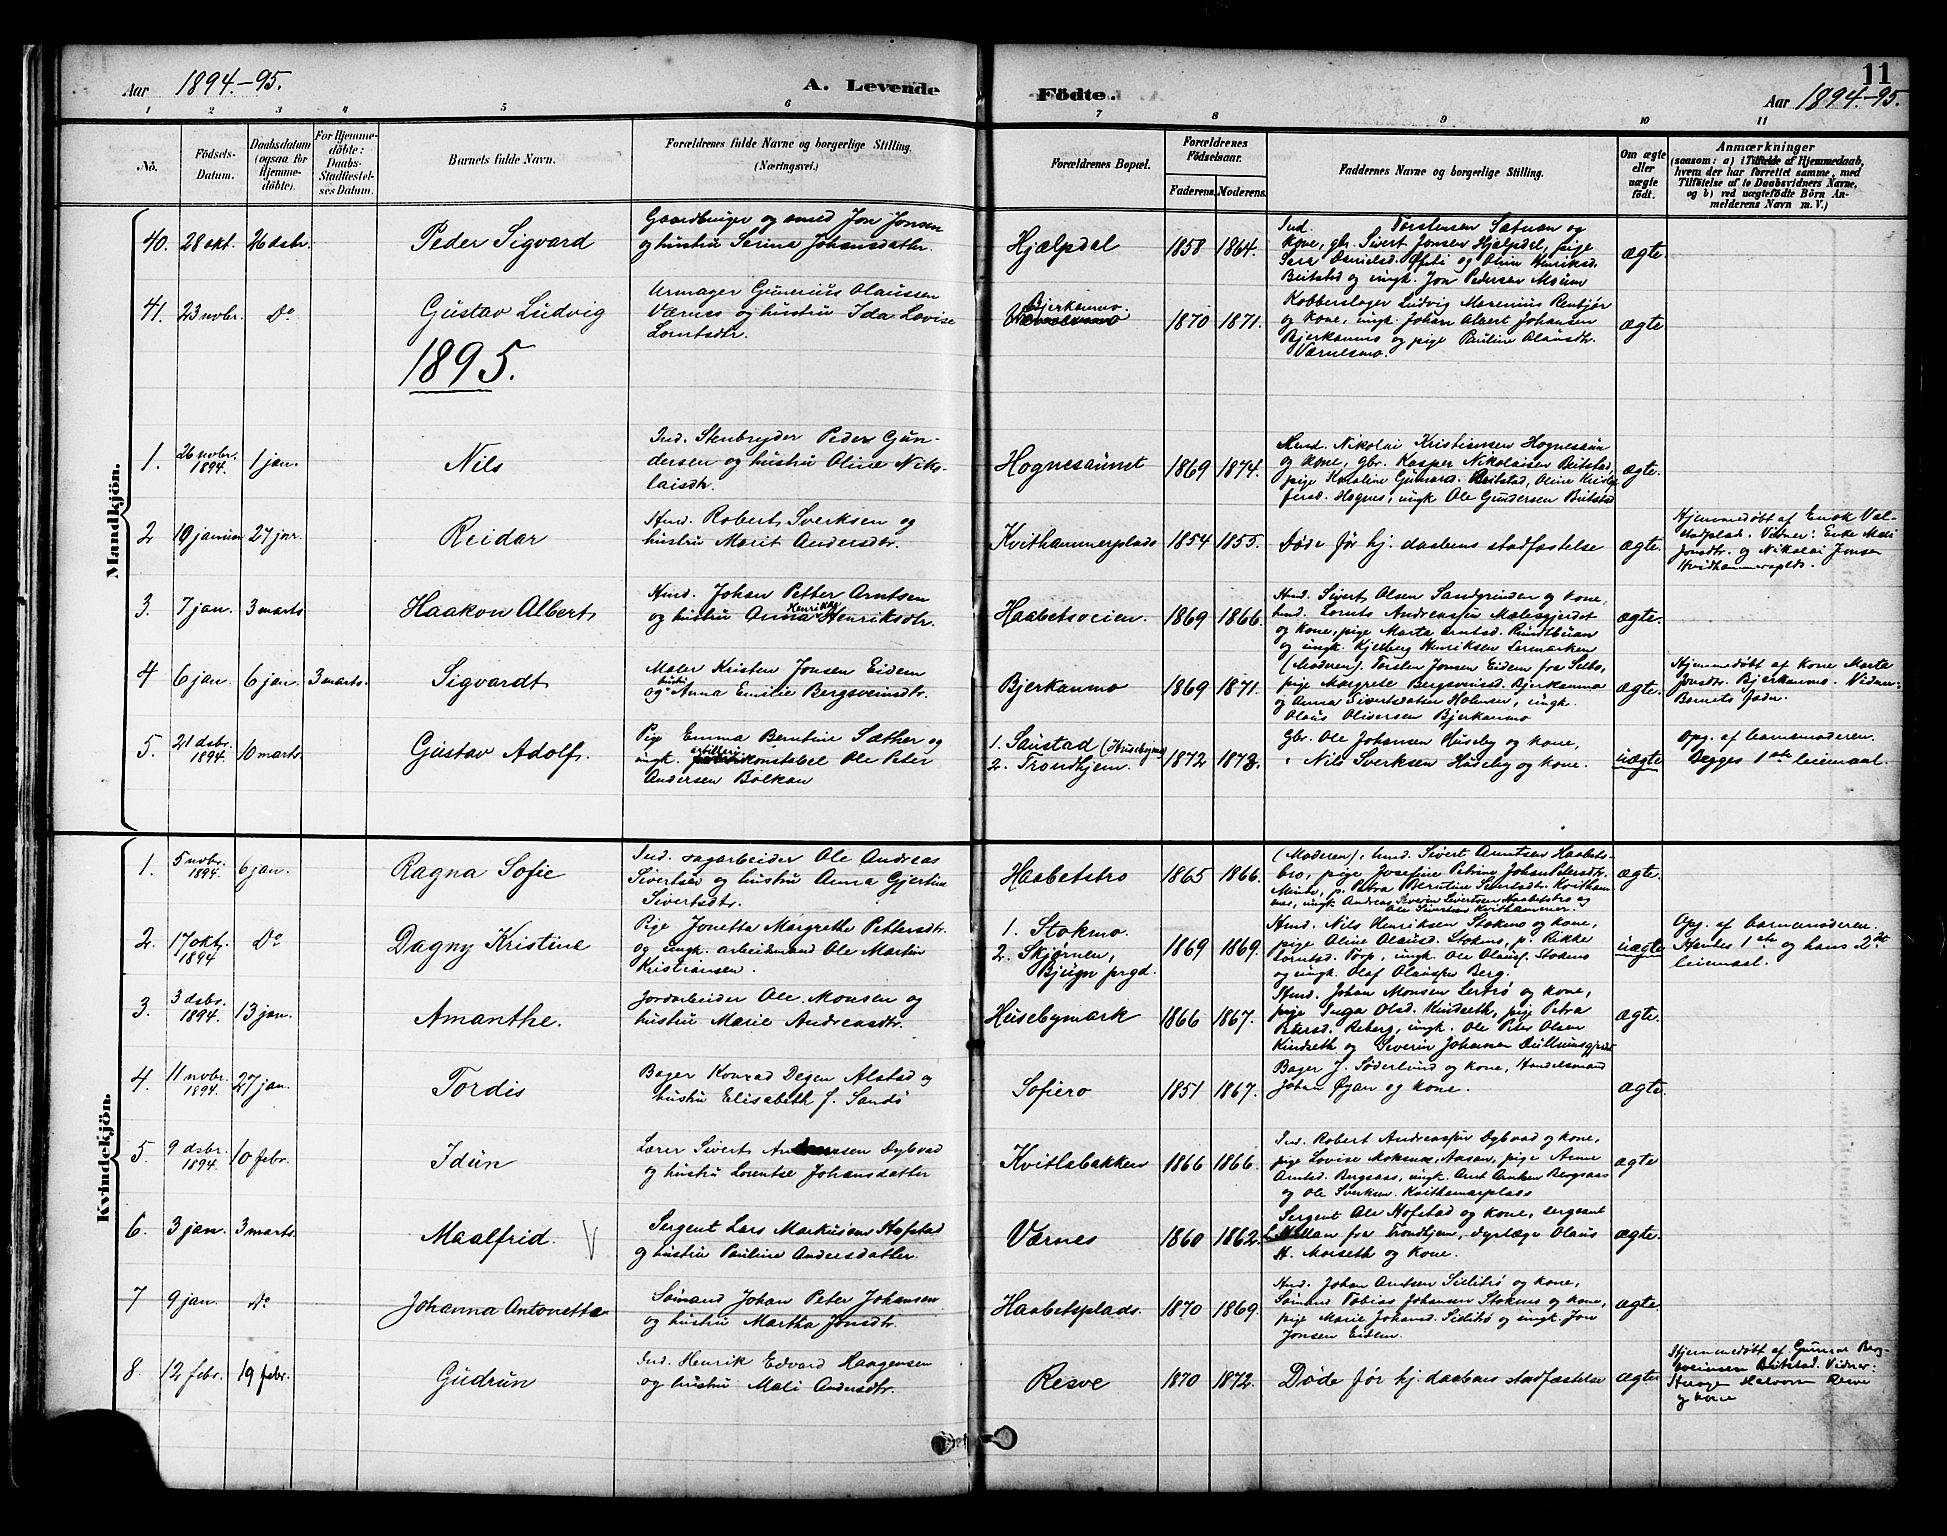 SAT, Ministerialprotokoller, klokkerbøker og fødselsregistre - Nord-Trøndelag, 709/L0087: Klokkerbok nr. 709C01, 1892-1913, s. 11